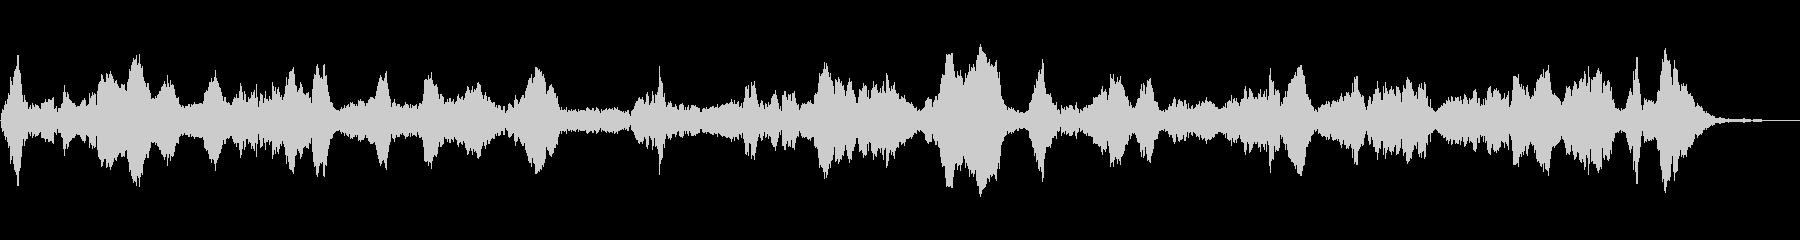 短波電波干渉掃引。静的、バズラジオ...の未再生の波形